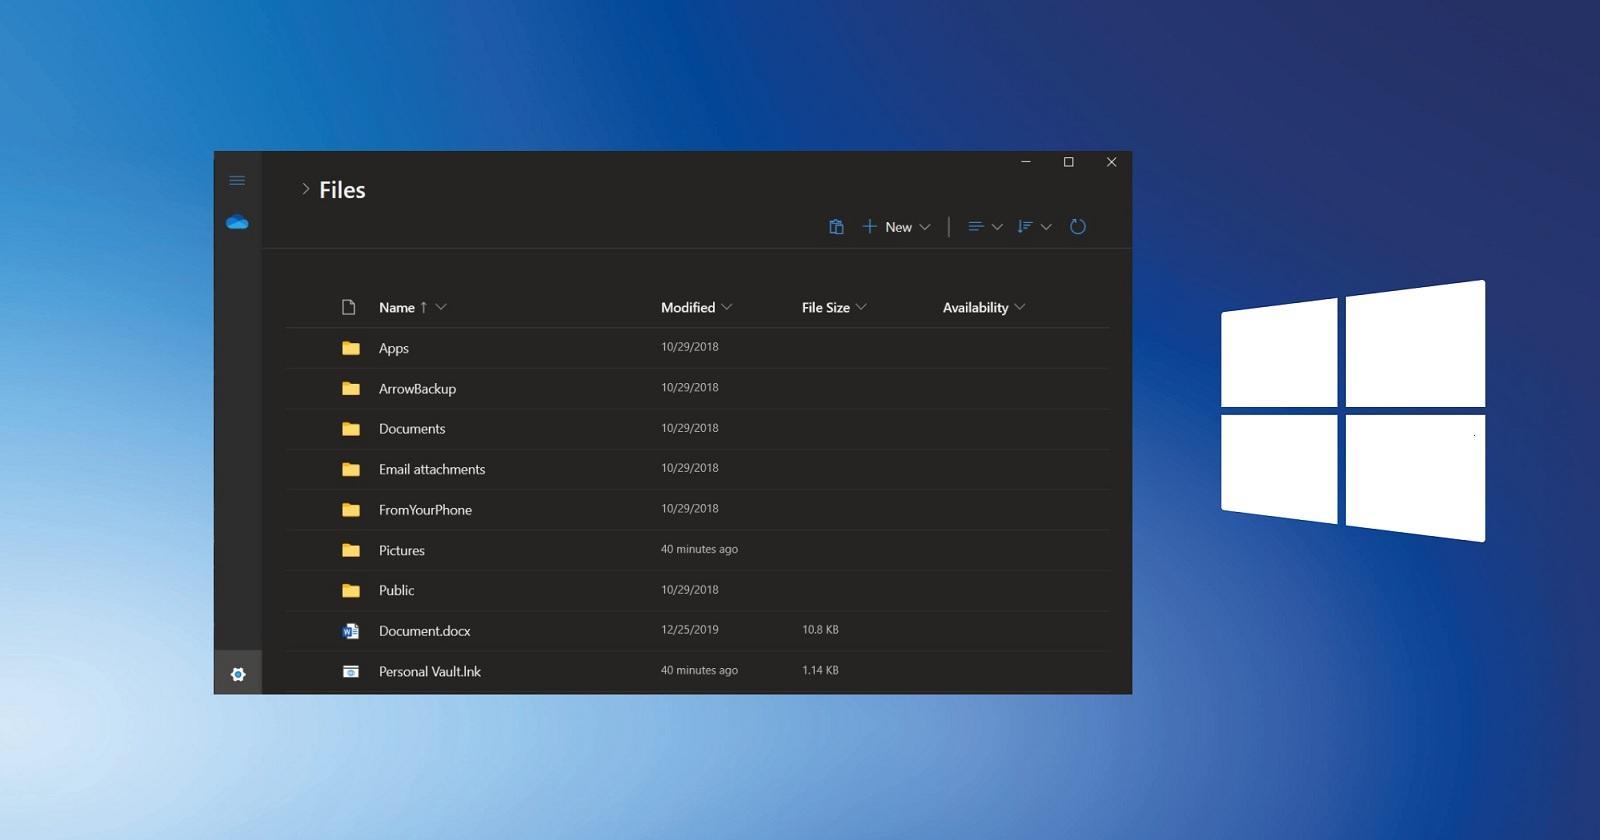 全新设计的文件资源管理器将在Windows 10X RTM版里预装启用